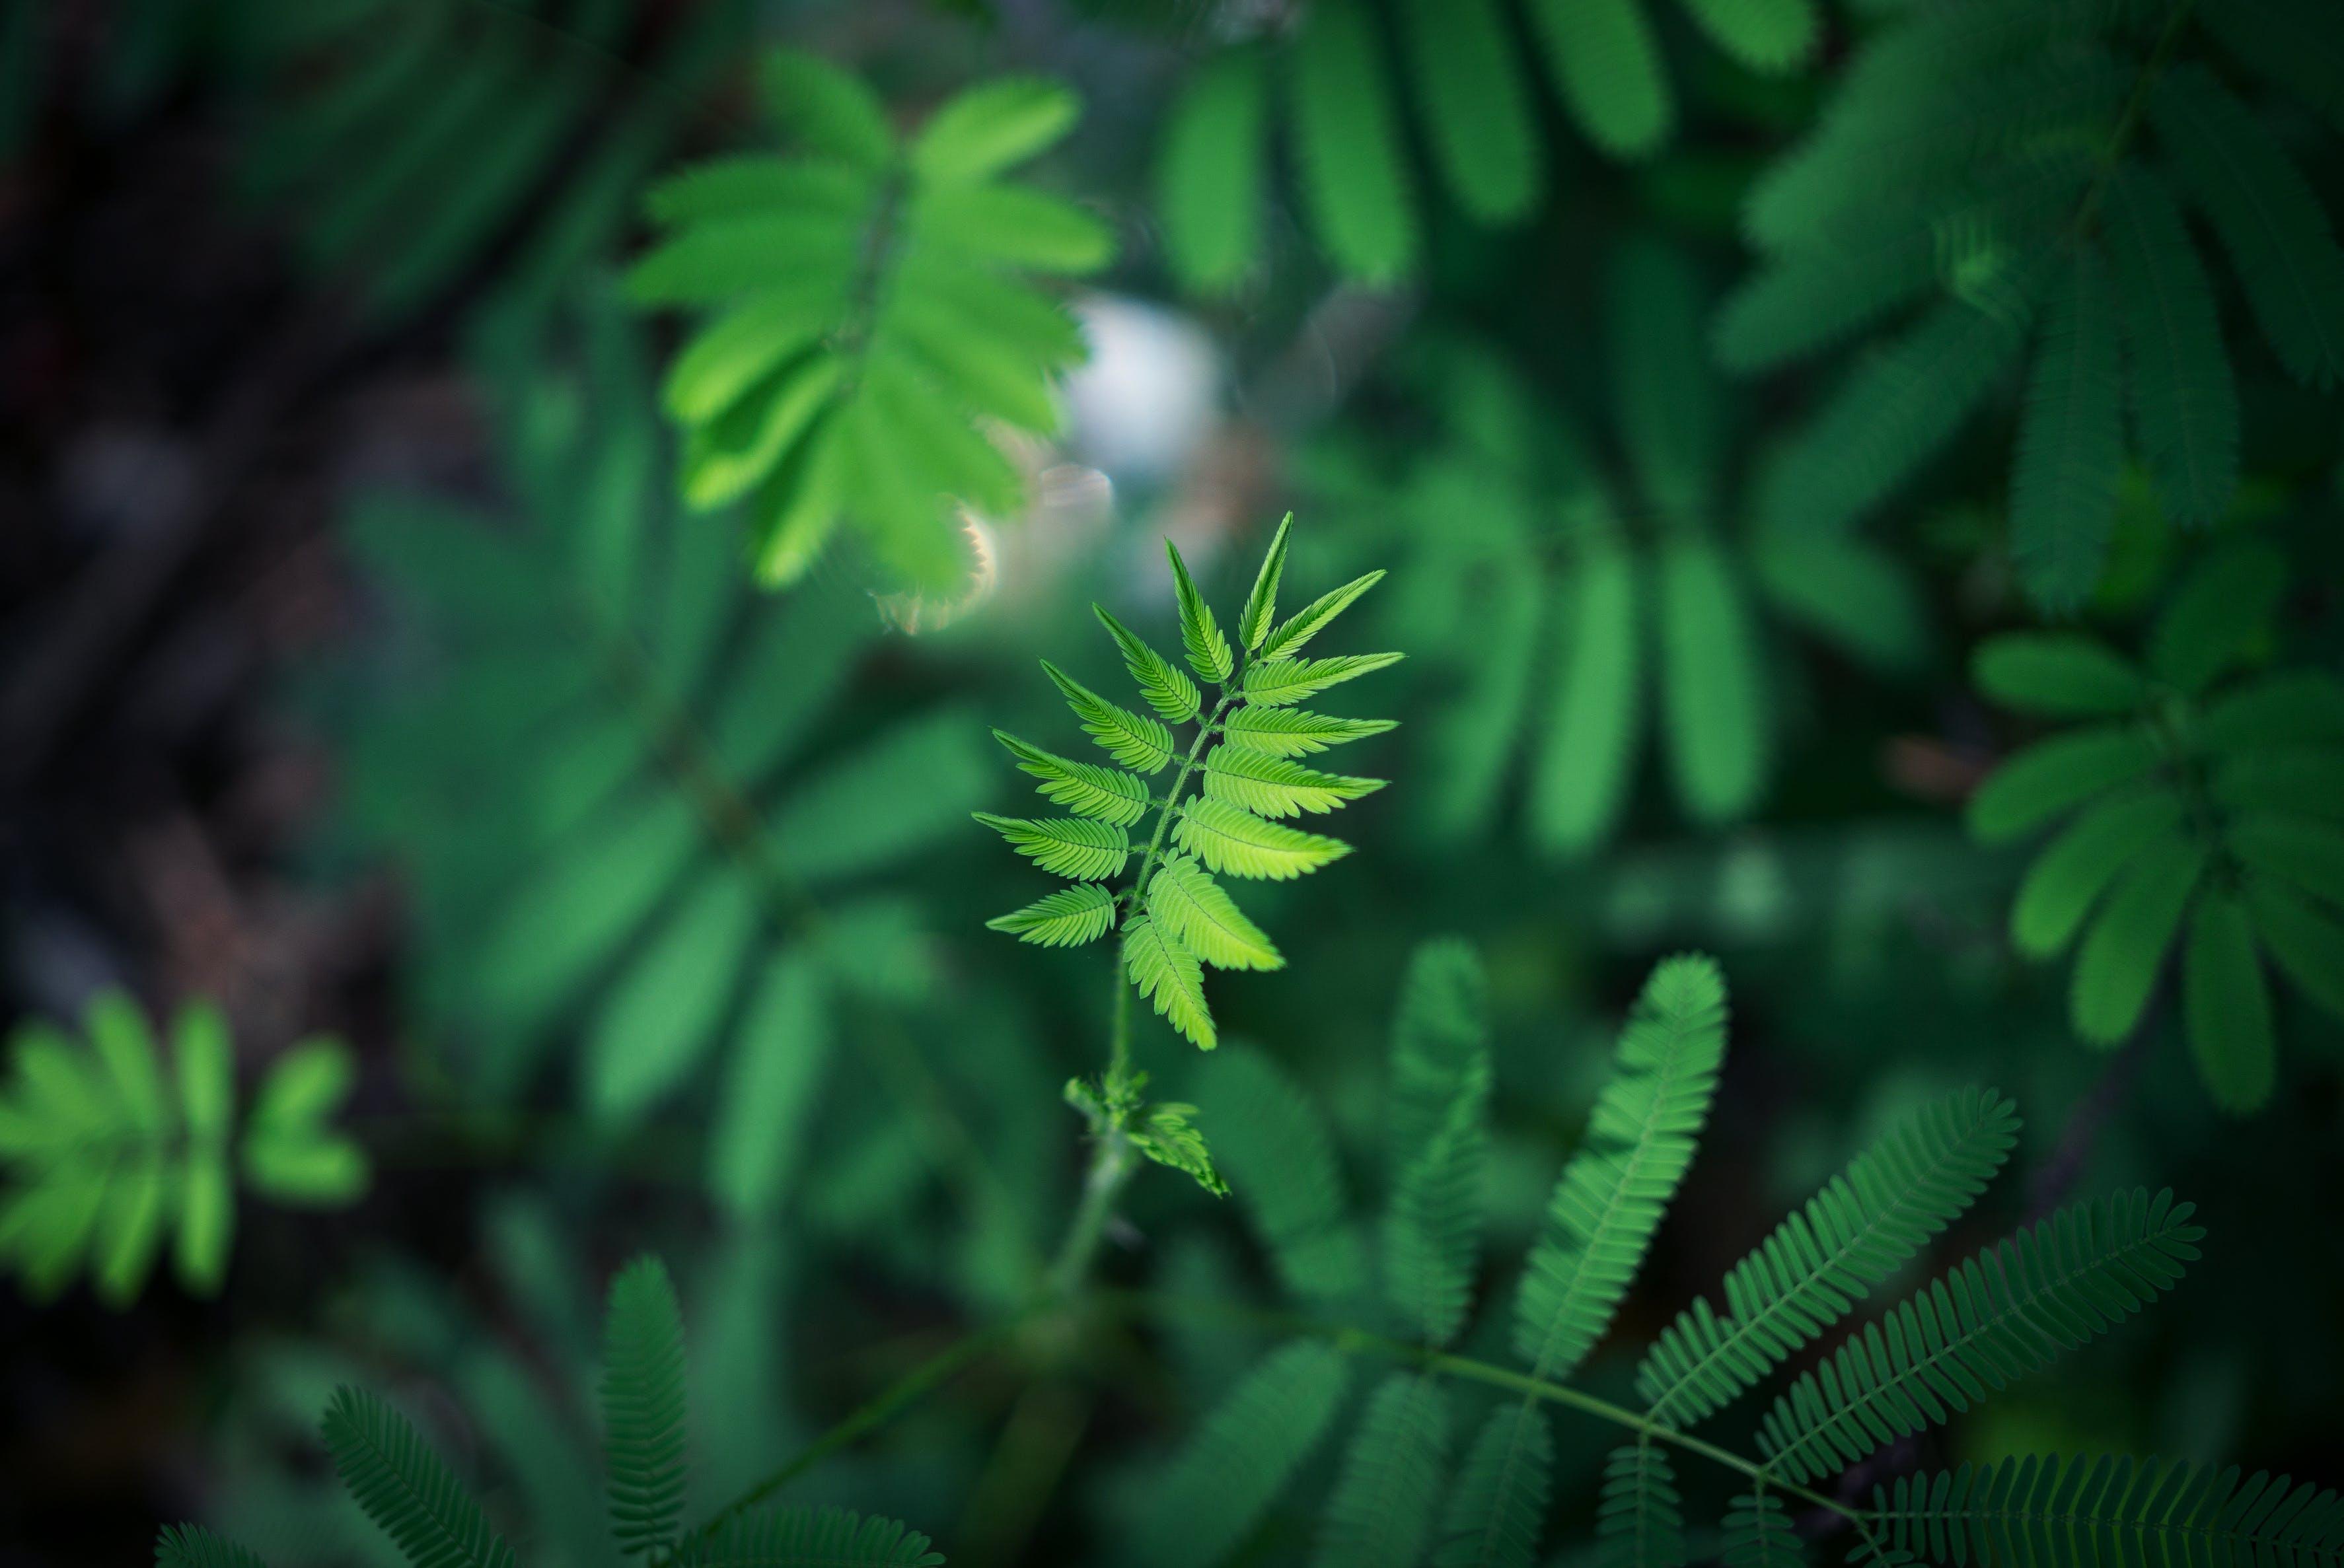 Gratis arkivbilde med grønn, makro, nærbilde, planter